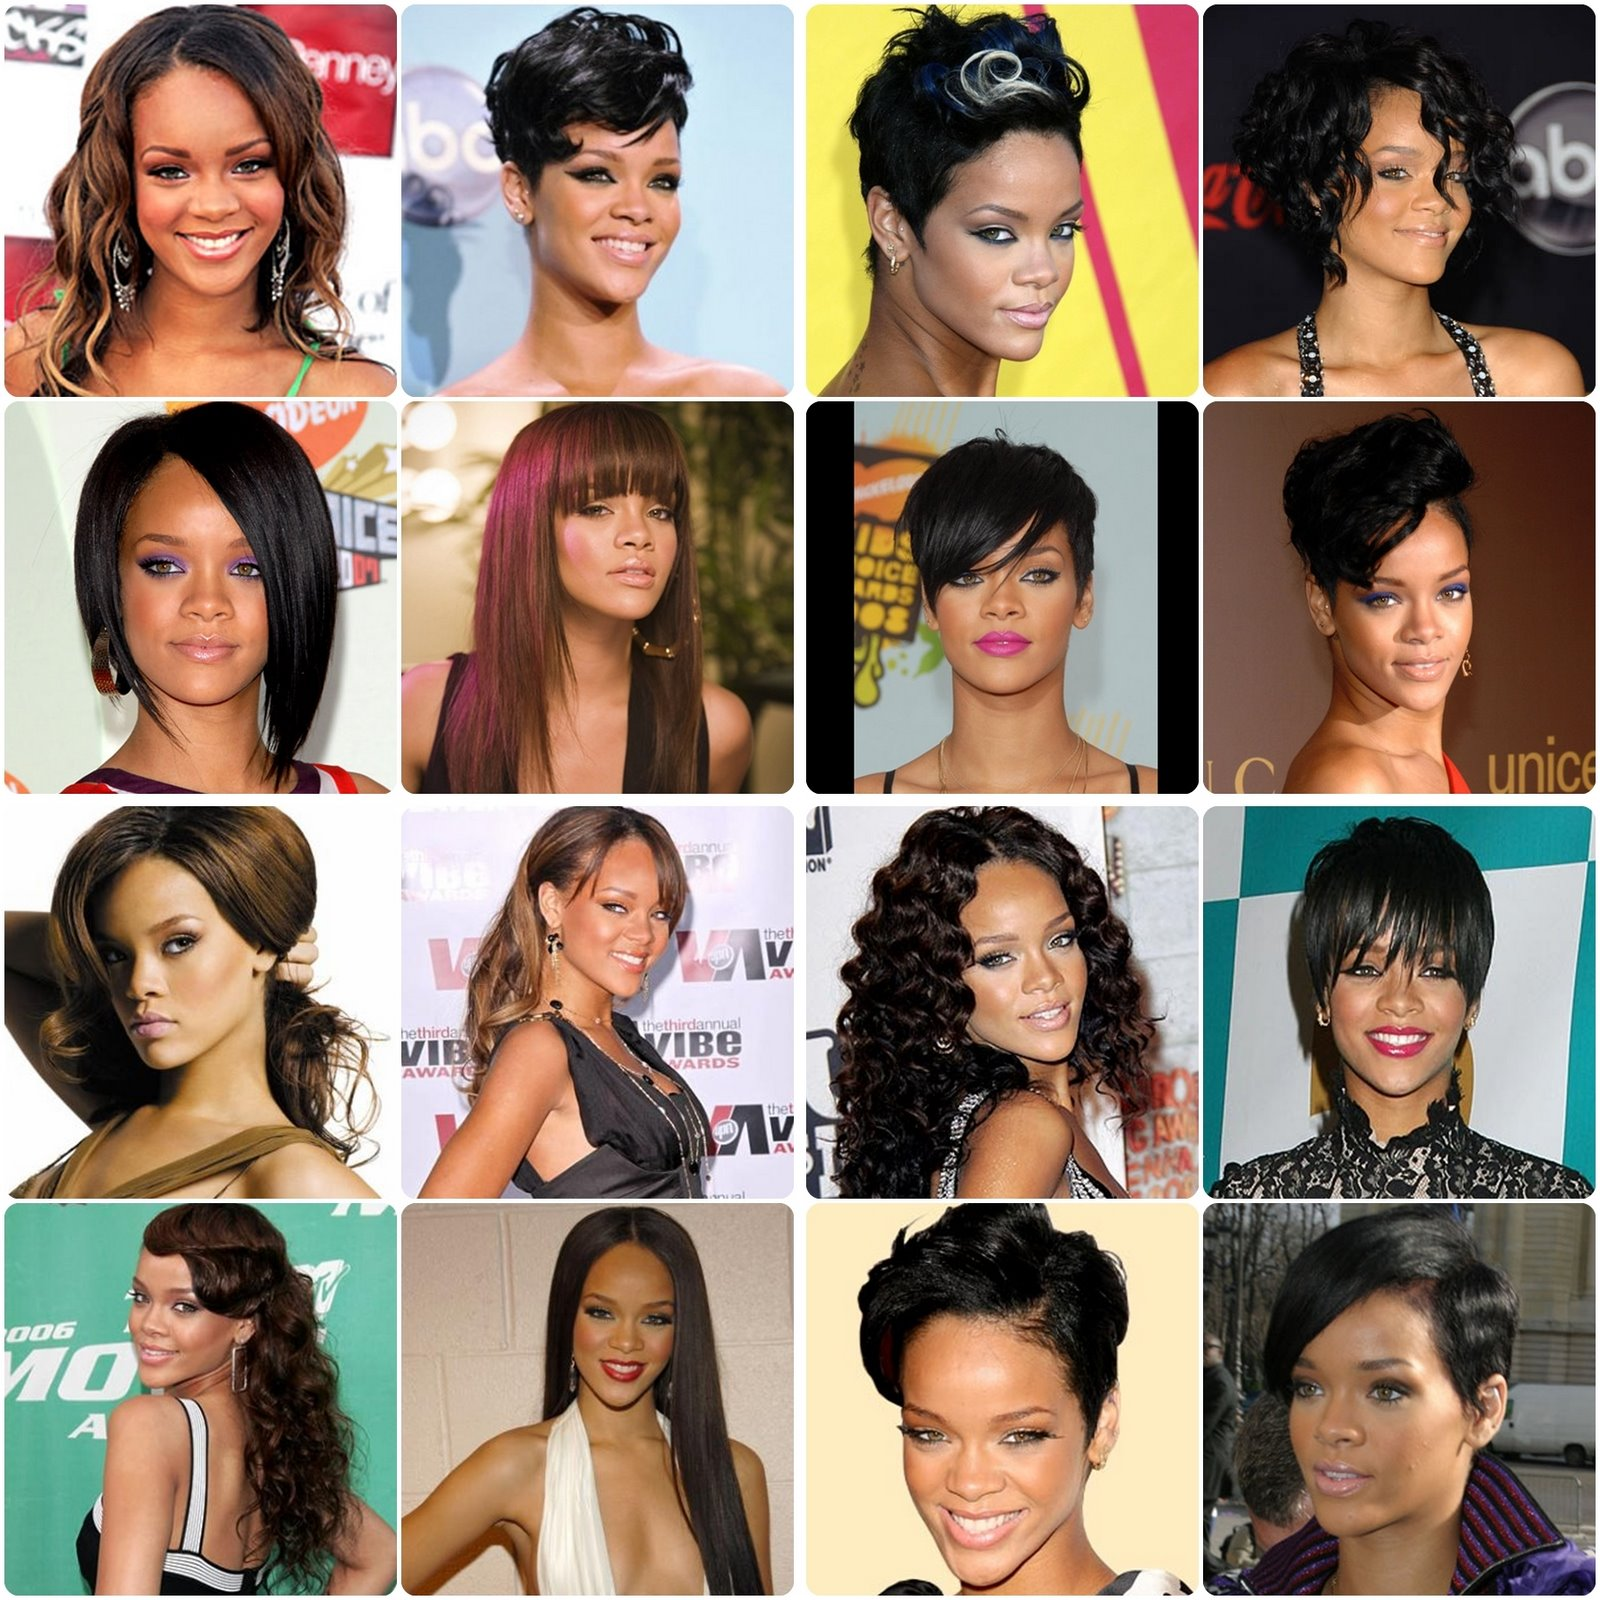 http://2.bp.blogspot.com/_8FQ4lDinVi8/ShxrstQJcEI/AAAAAAAABFM/TsVvx2-FsPw/s1600/page1-tile.jpg